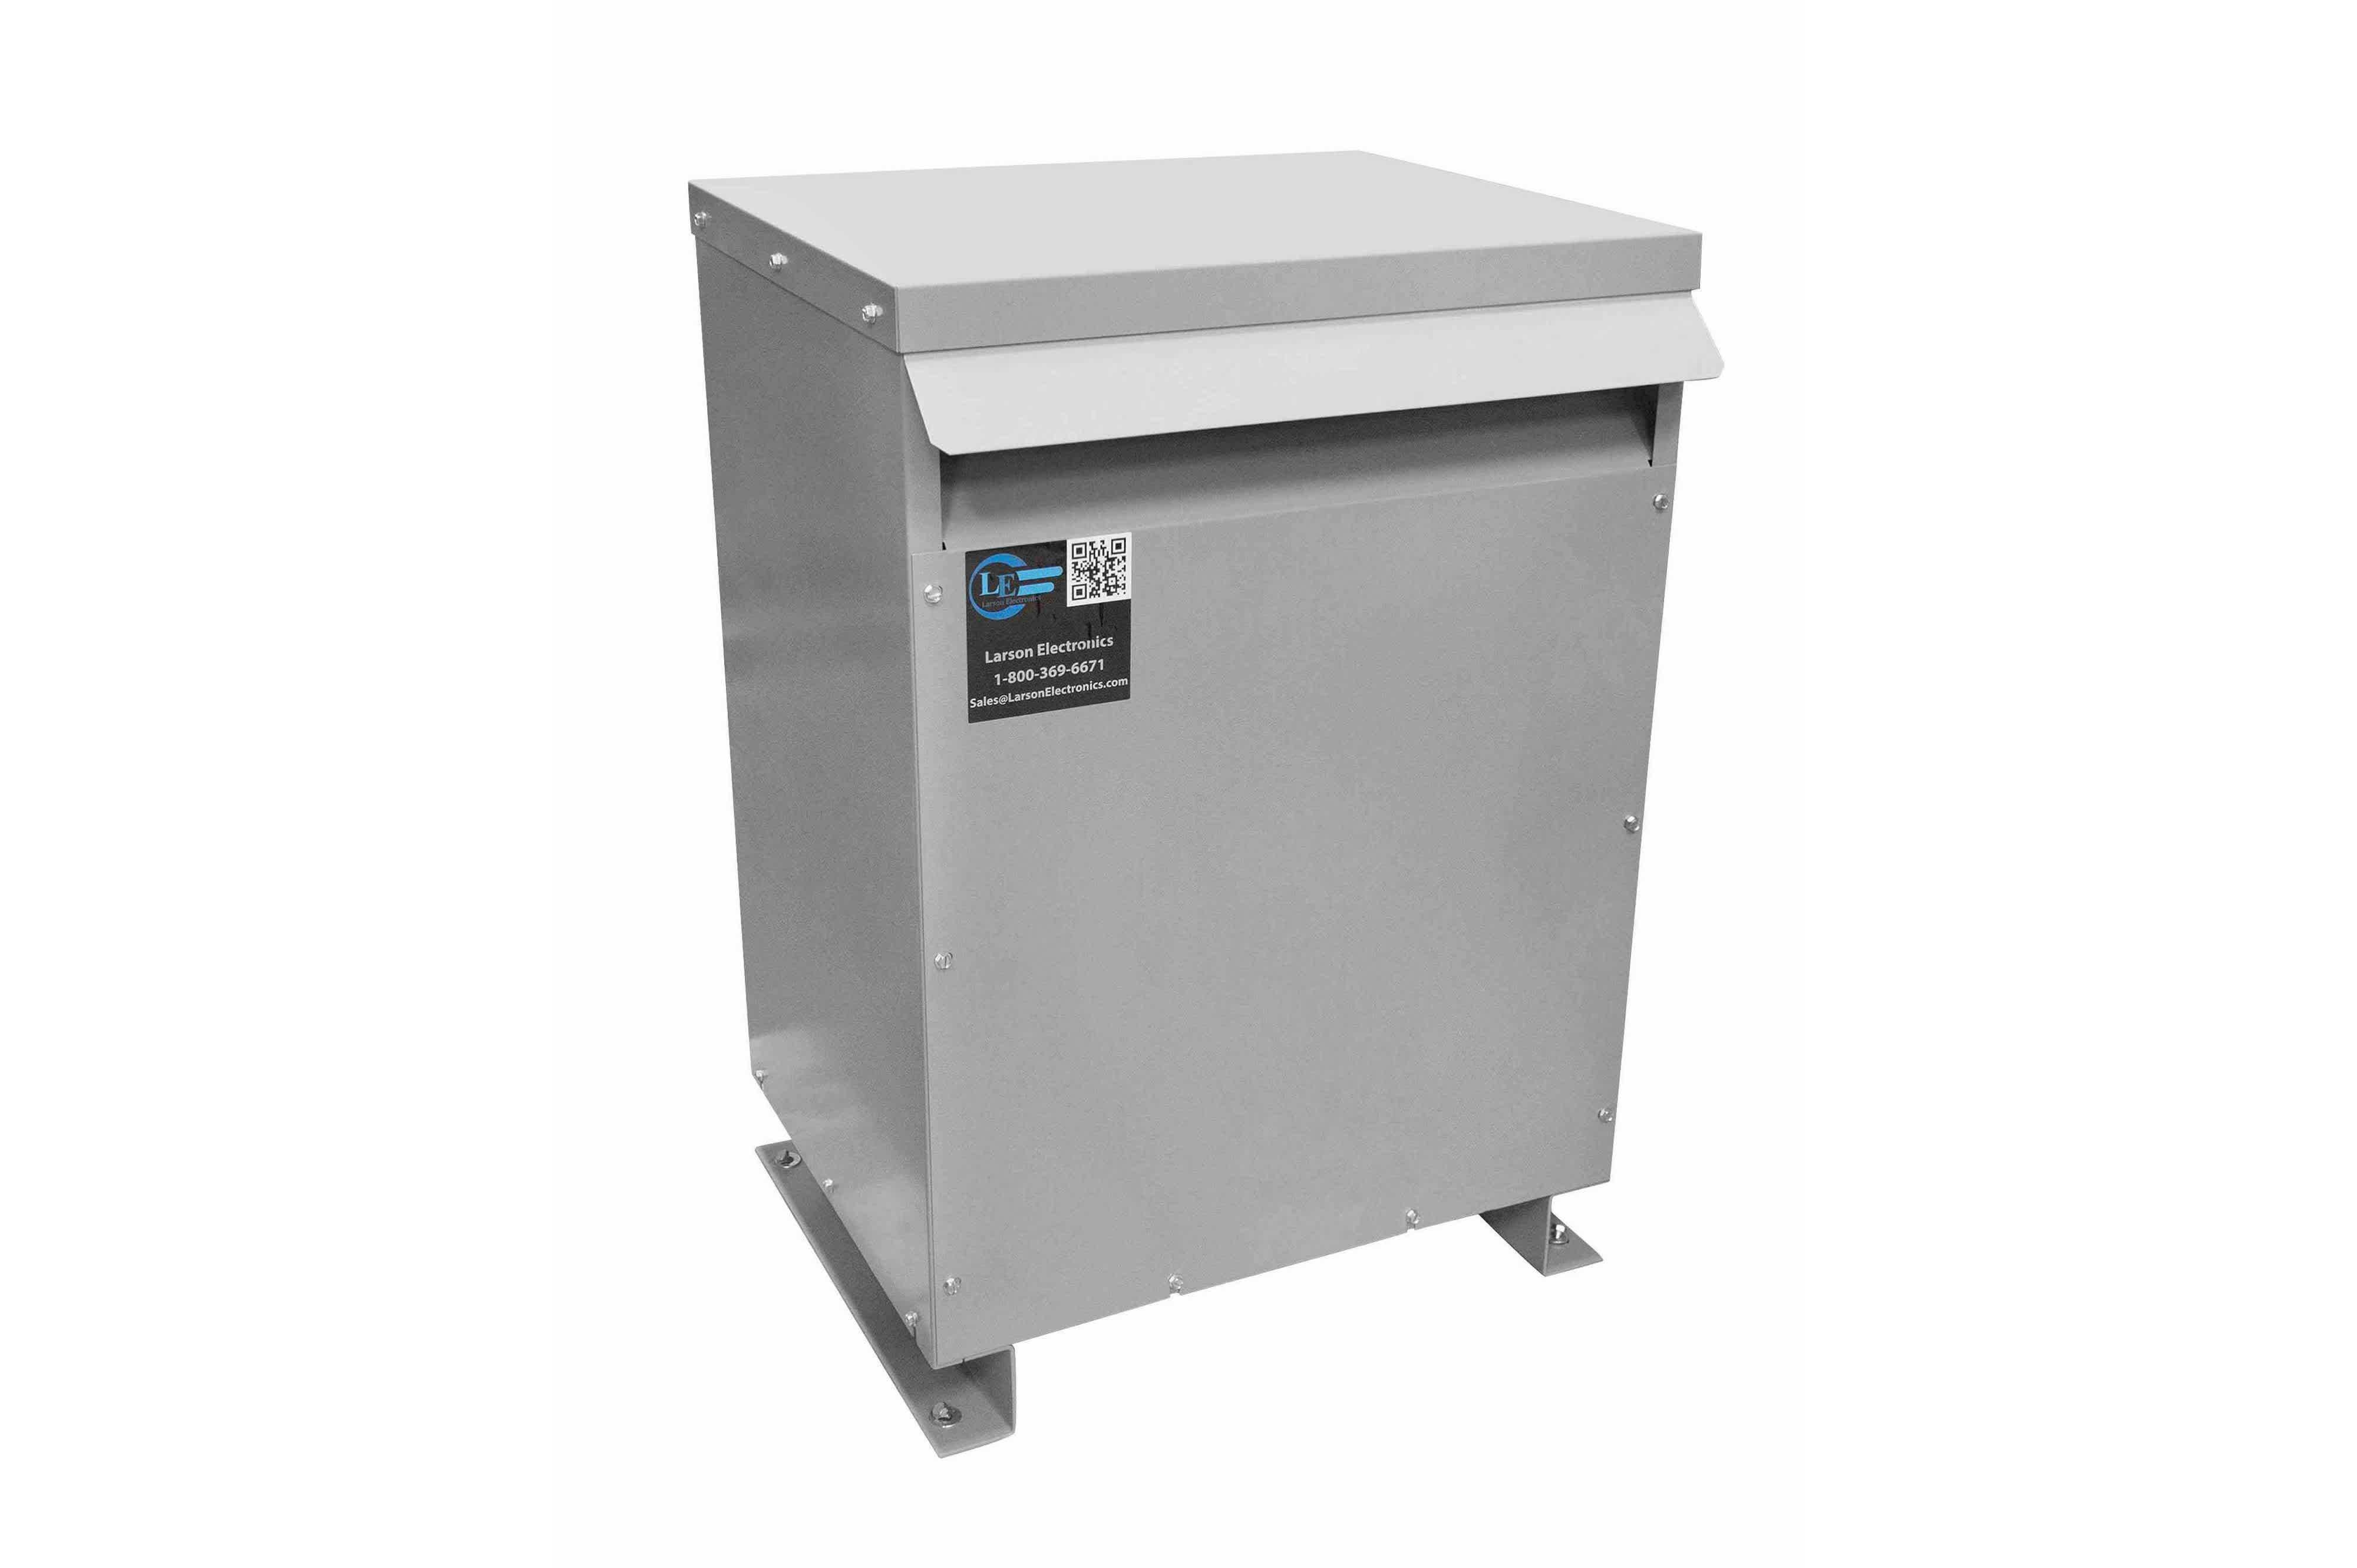 275 kVA 3PH Isolation Transformer, 480V Delta Primary, 380V Delta Secondary, N3R, Ventilated, 60 Hz